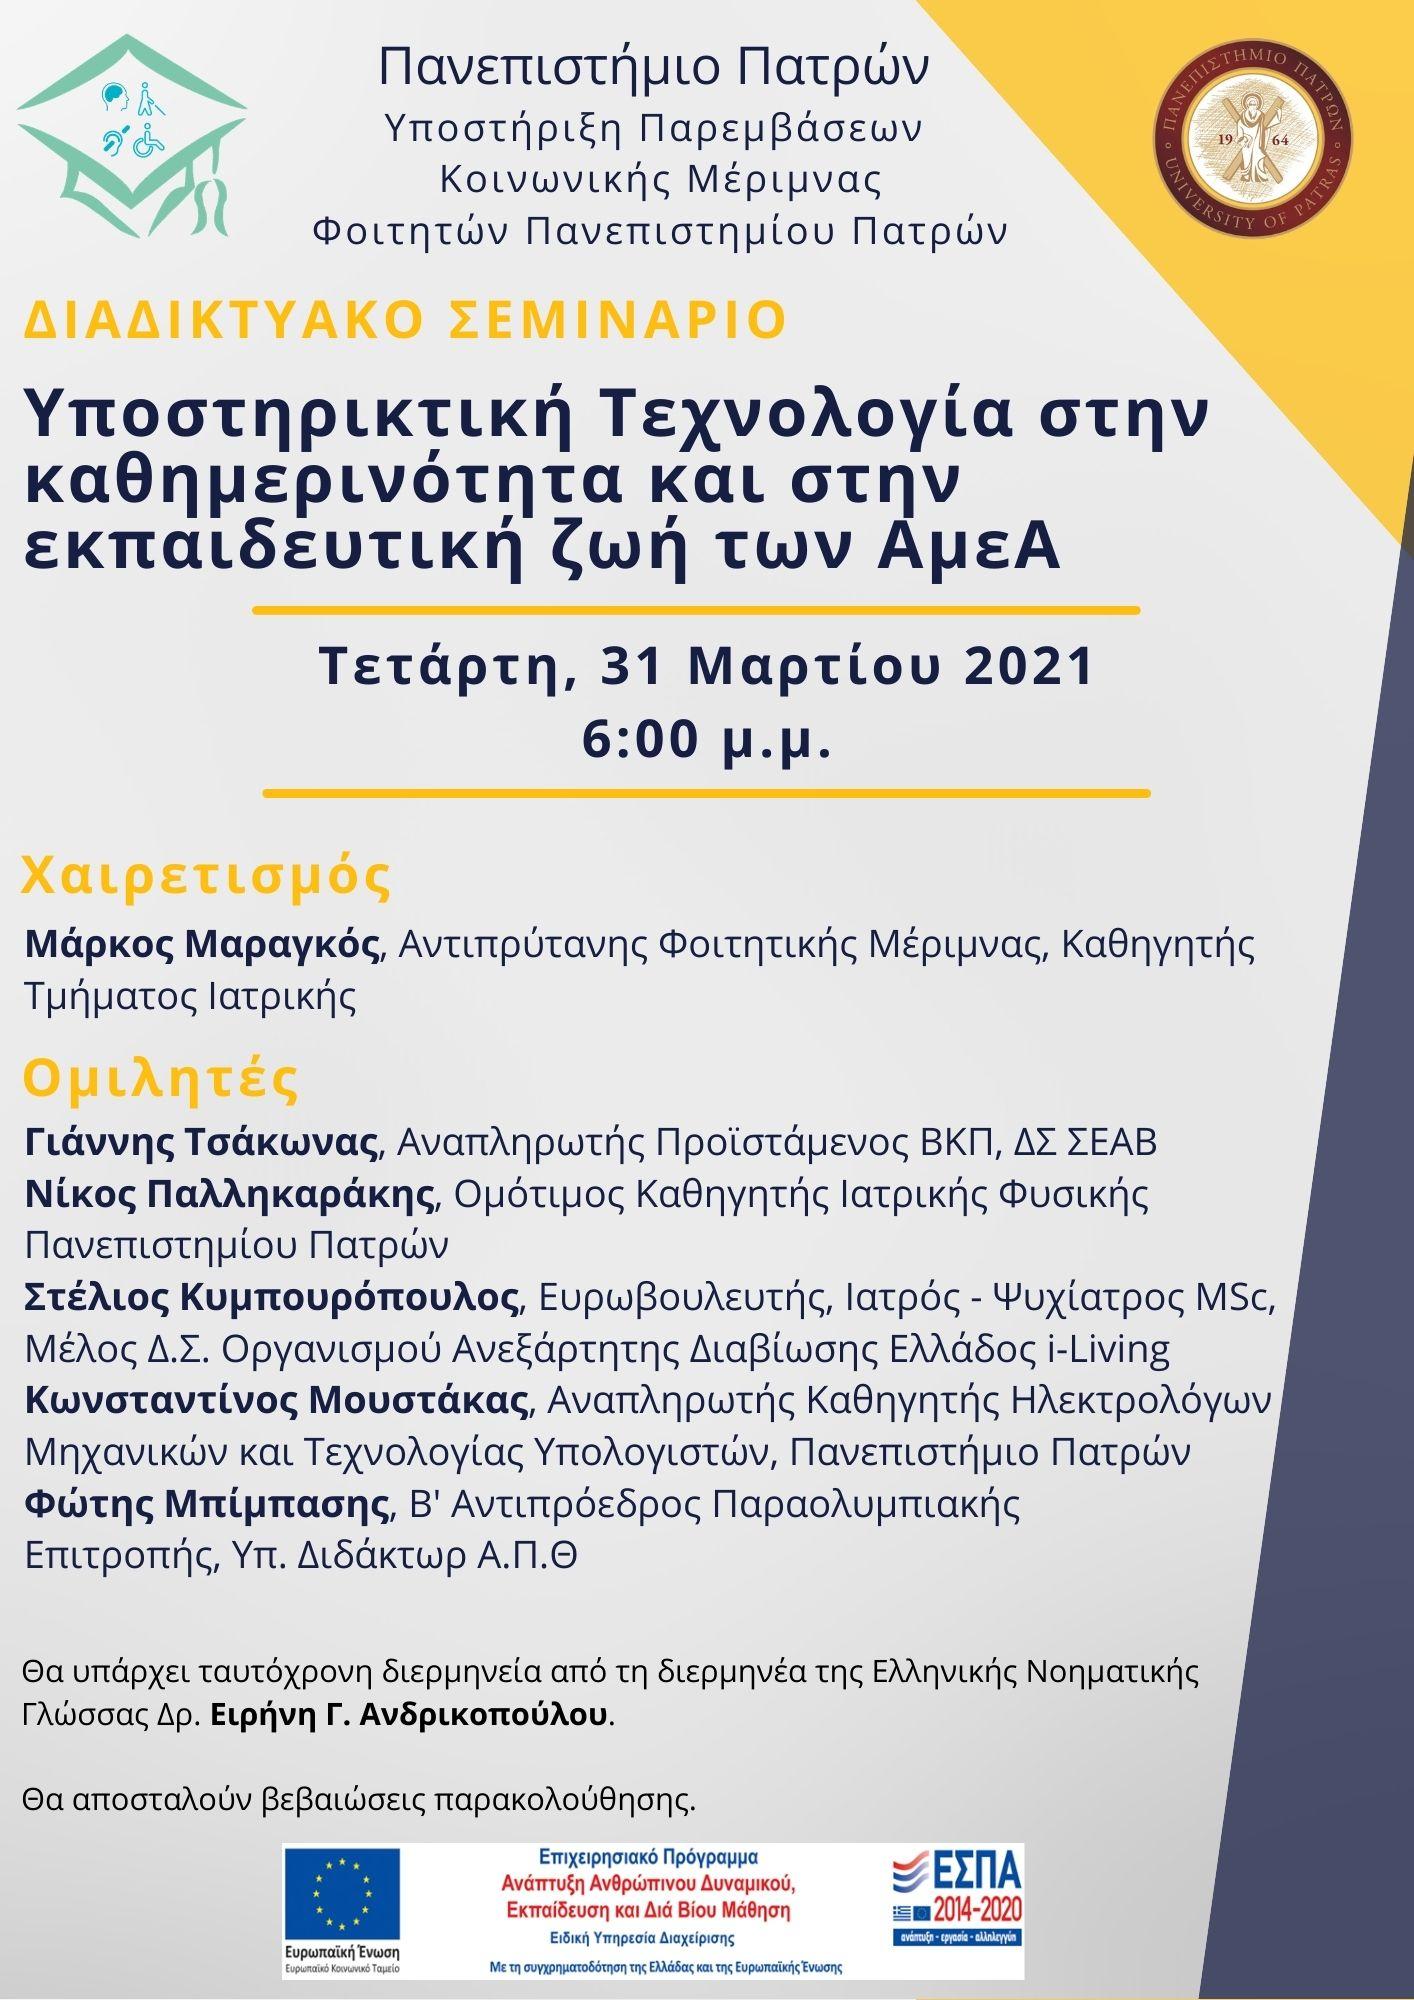 Αφίσα Διαδικτυακού Σεμιναρίου